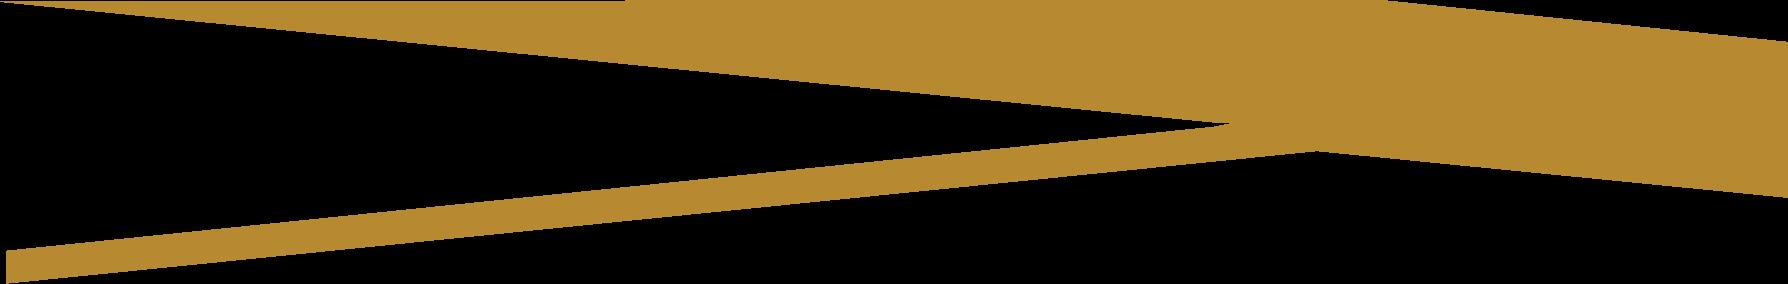 Innenarchitektur Und Szenografie nicola weber innenarchitektur und szenografie diplom 2017 hgk fhnw